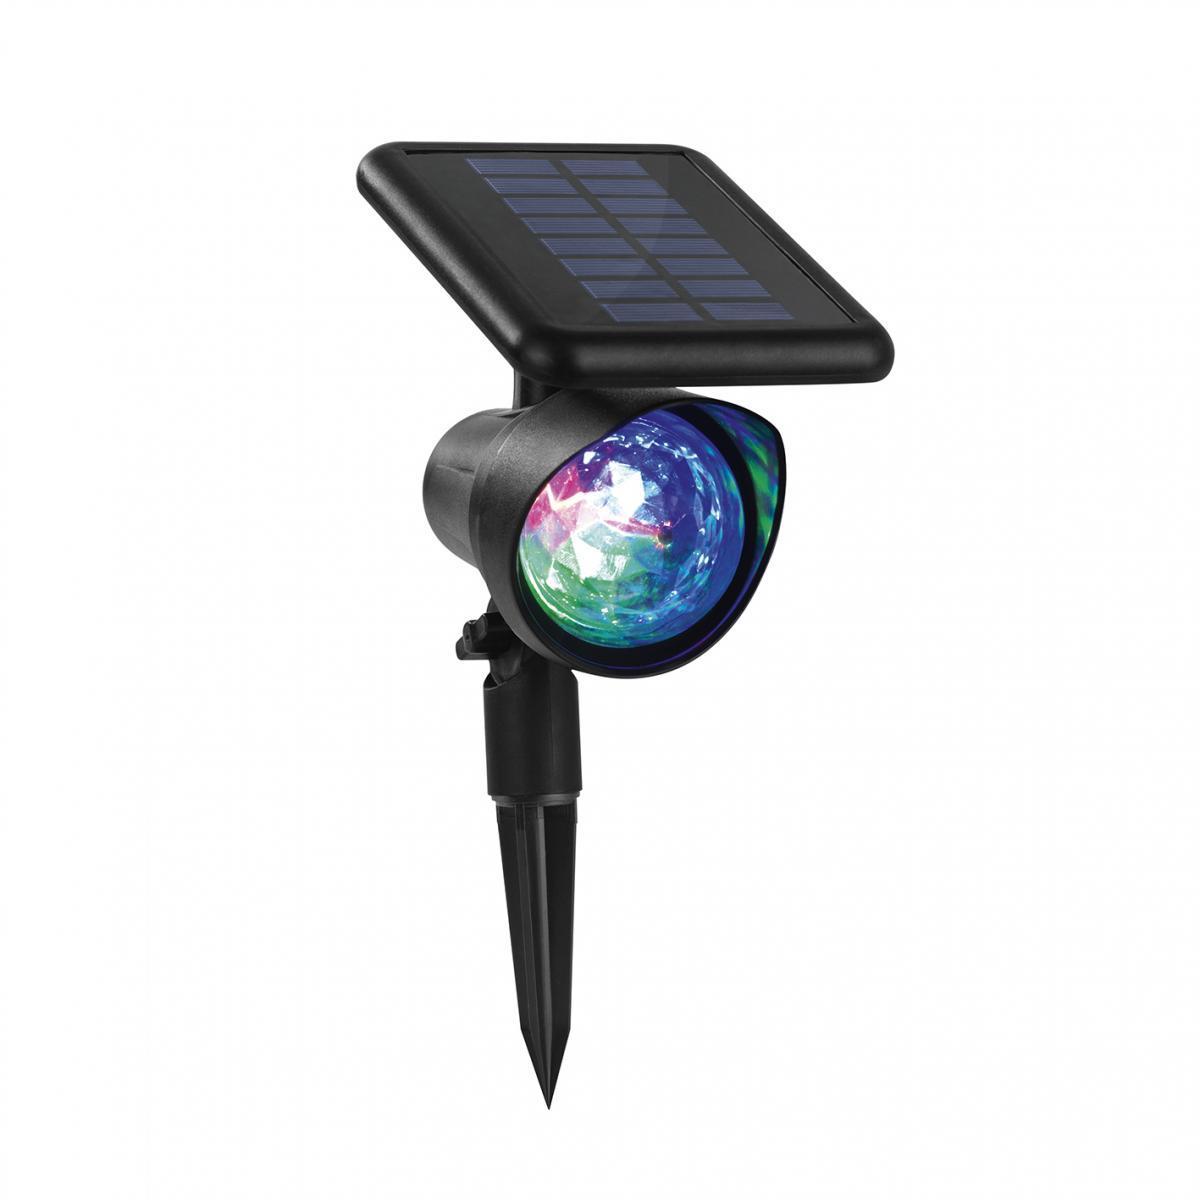 Bild 3 von EASYmaxx Solar-Partyleuchte Lichtpunkte 1,2V schwarz LED blau/grün/rot